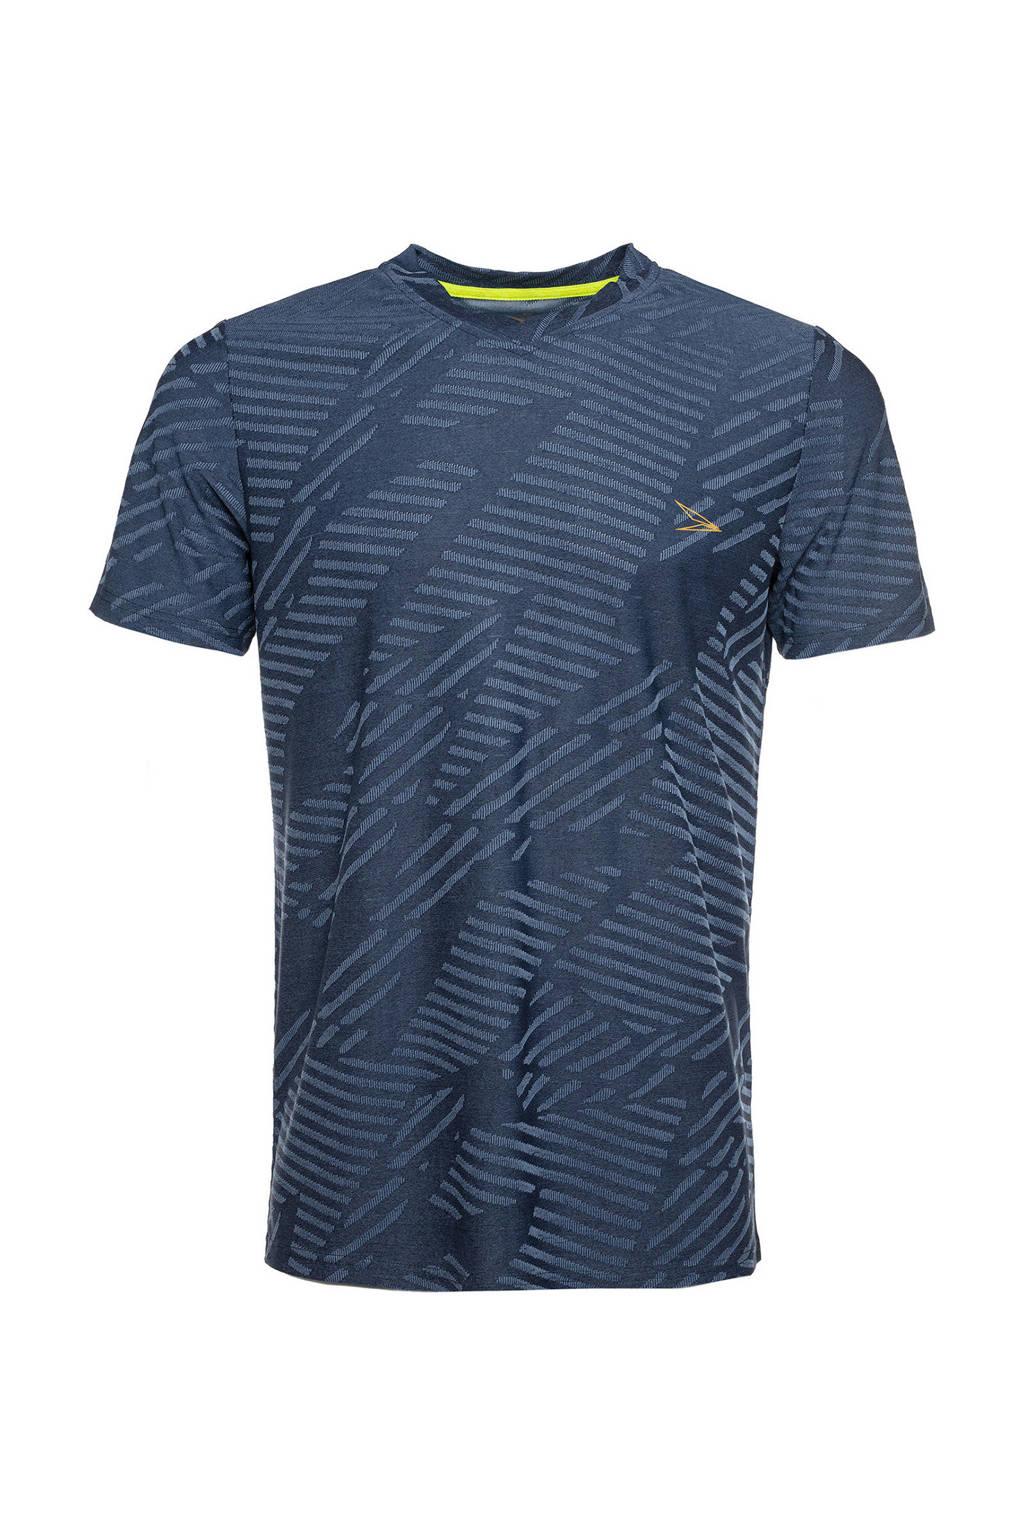 Scapino Dutchy Senior  voetbalshirt donkerblauw, Blauw